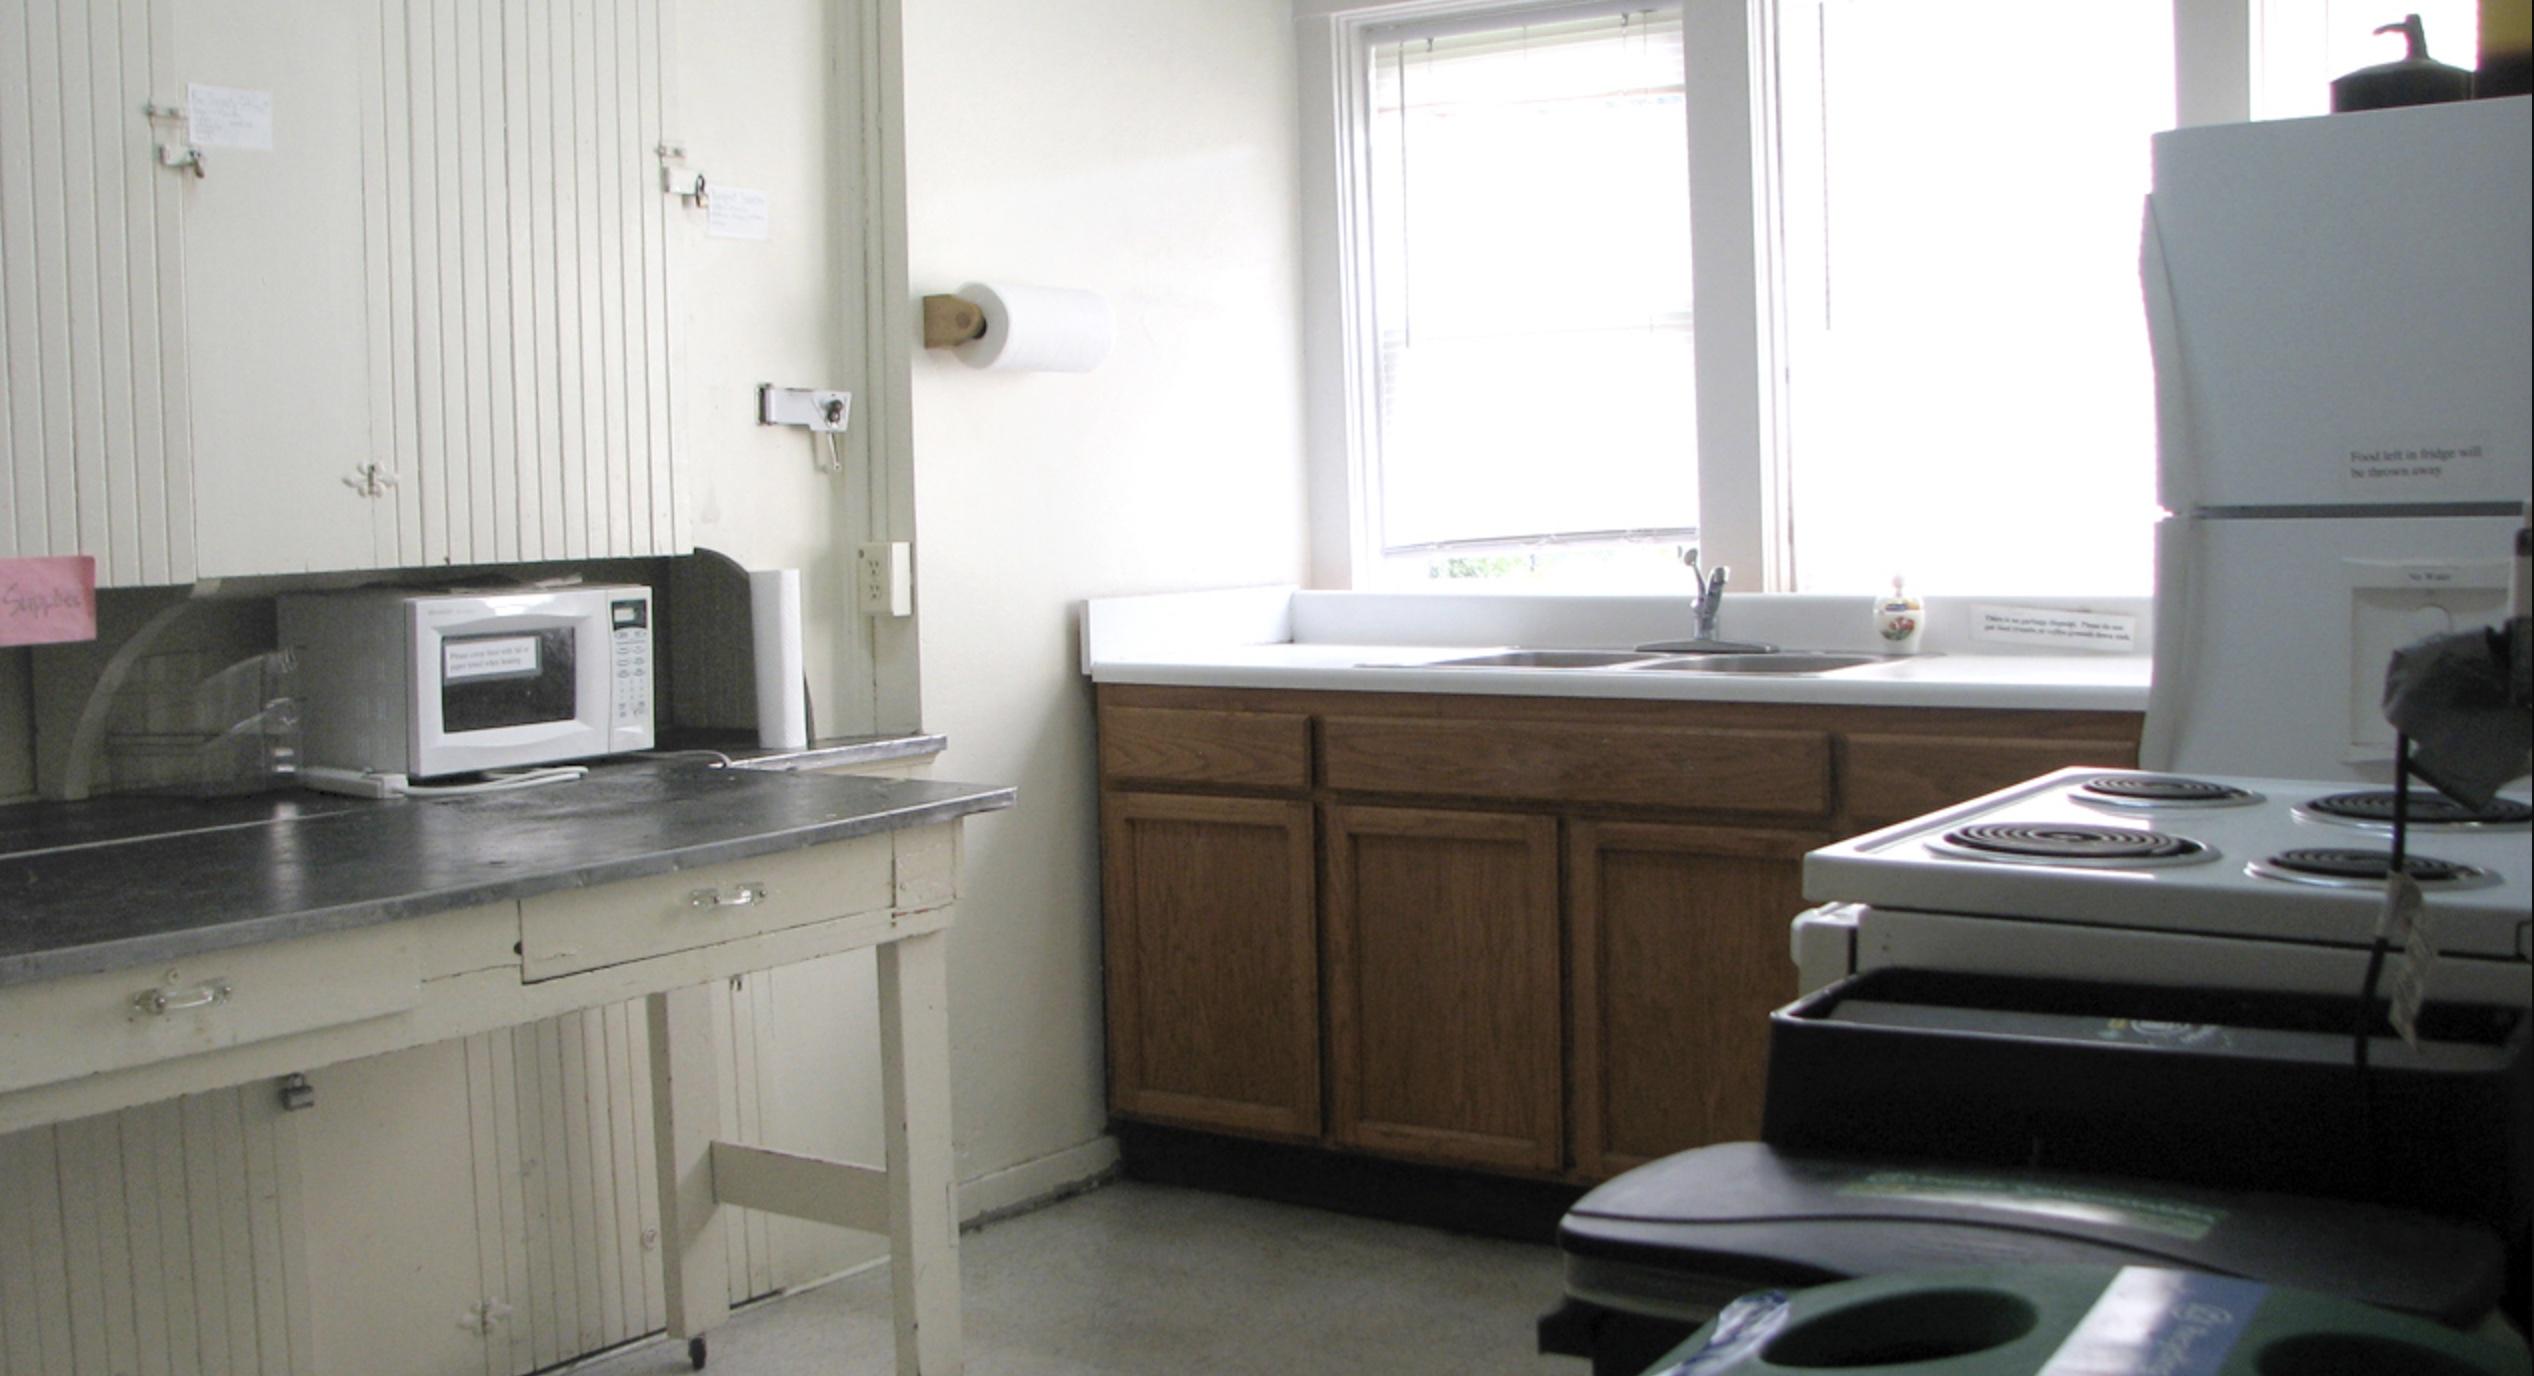 Kitchen in Lower Hall